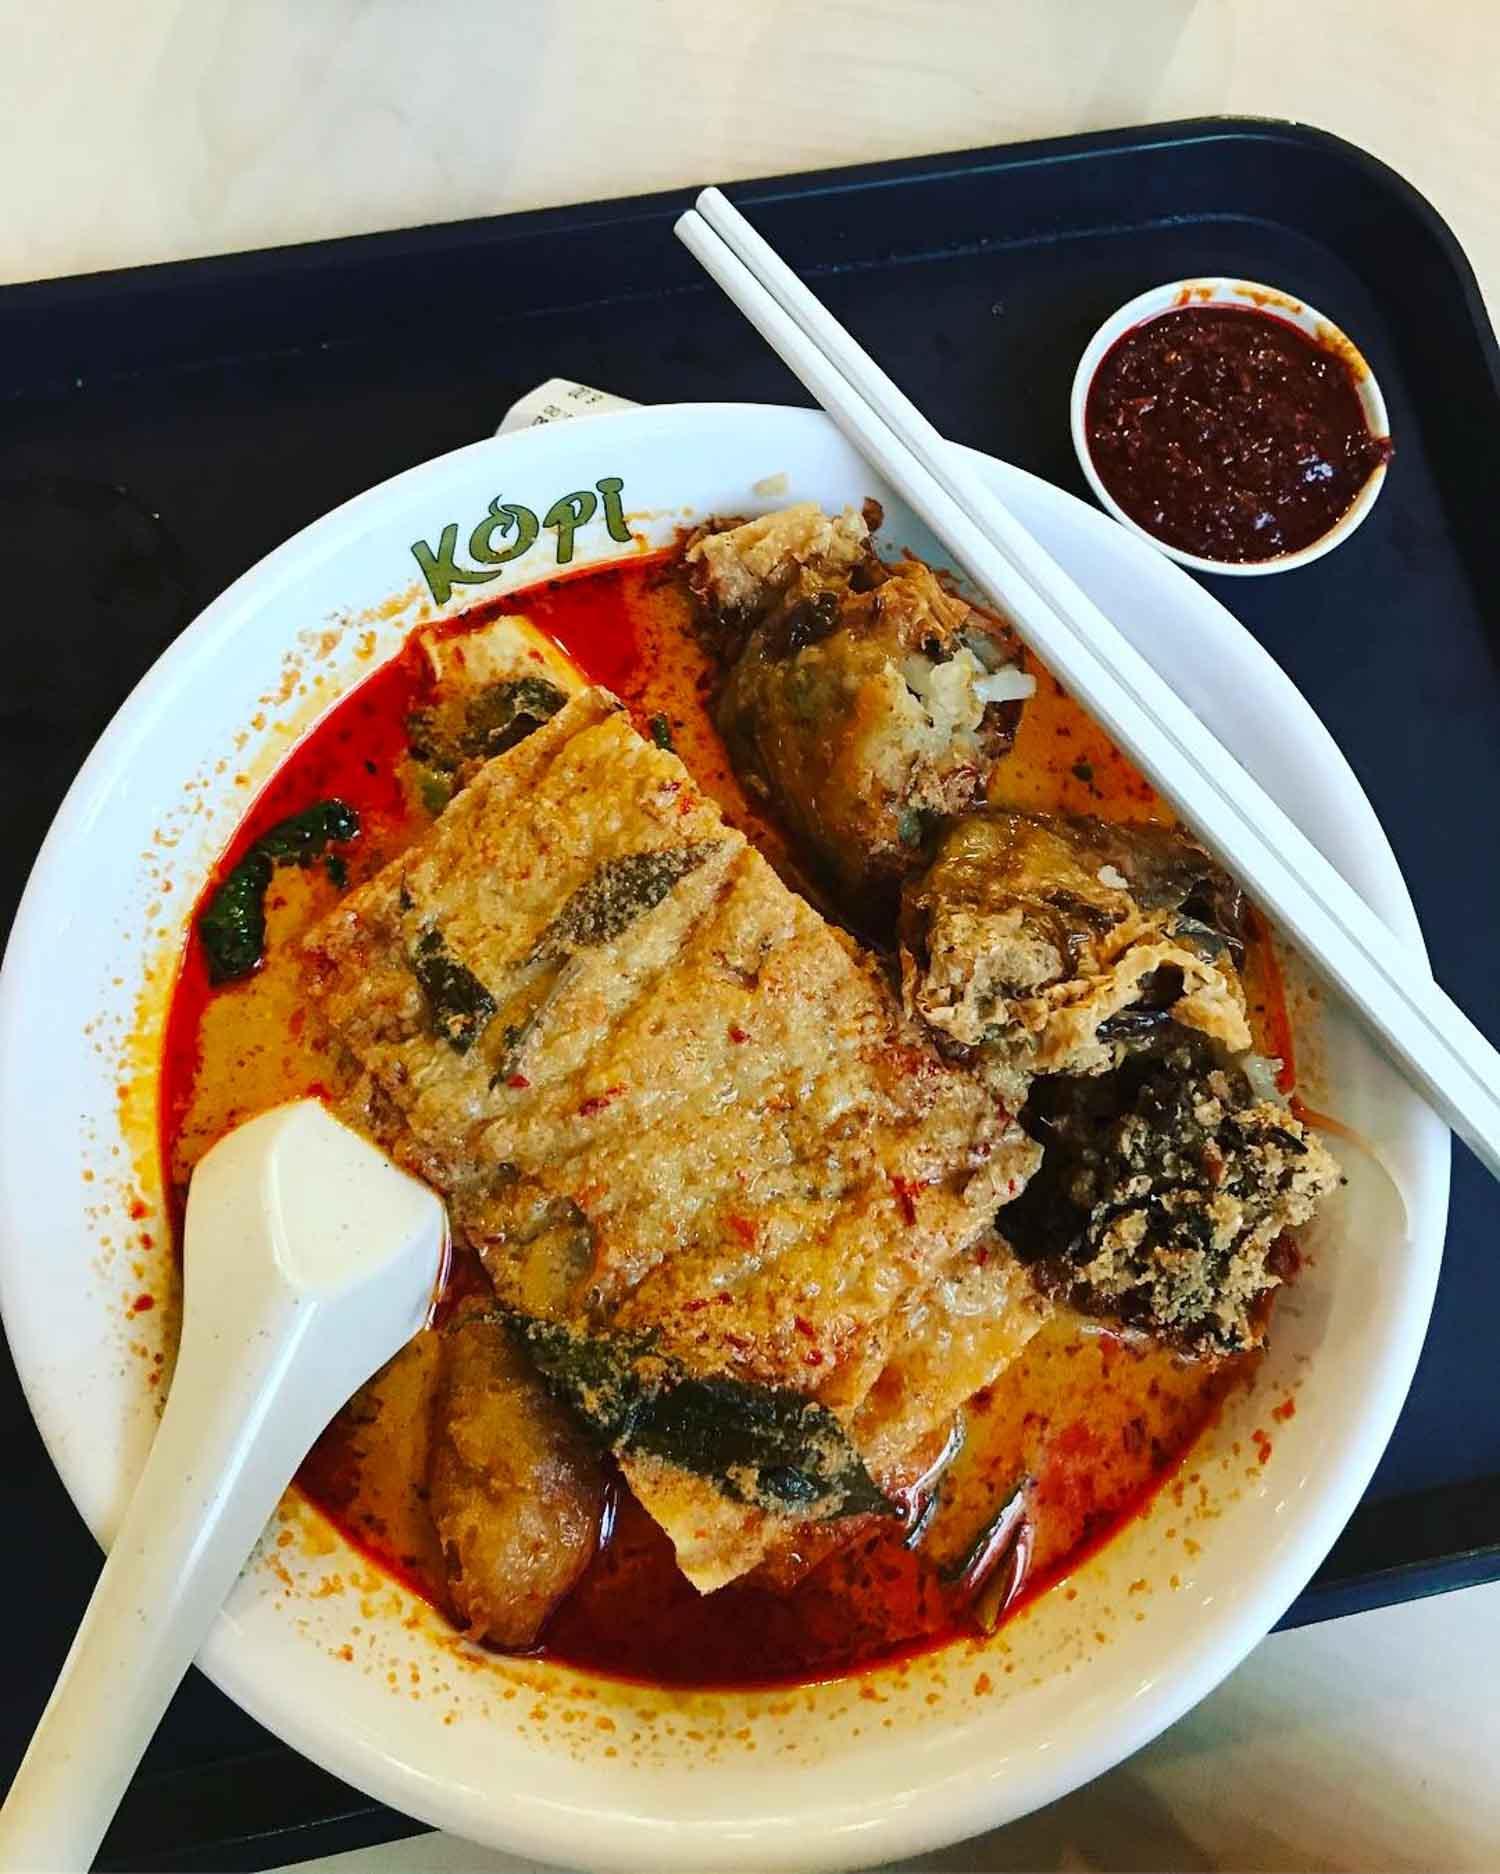 Yew Tee Food - Yew Tee Kopitiam Yong Tau Foo